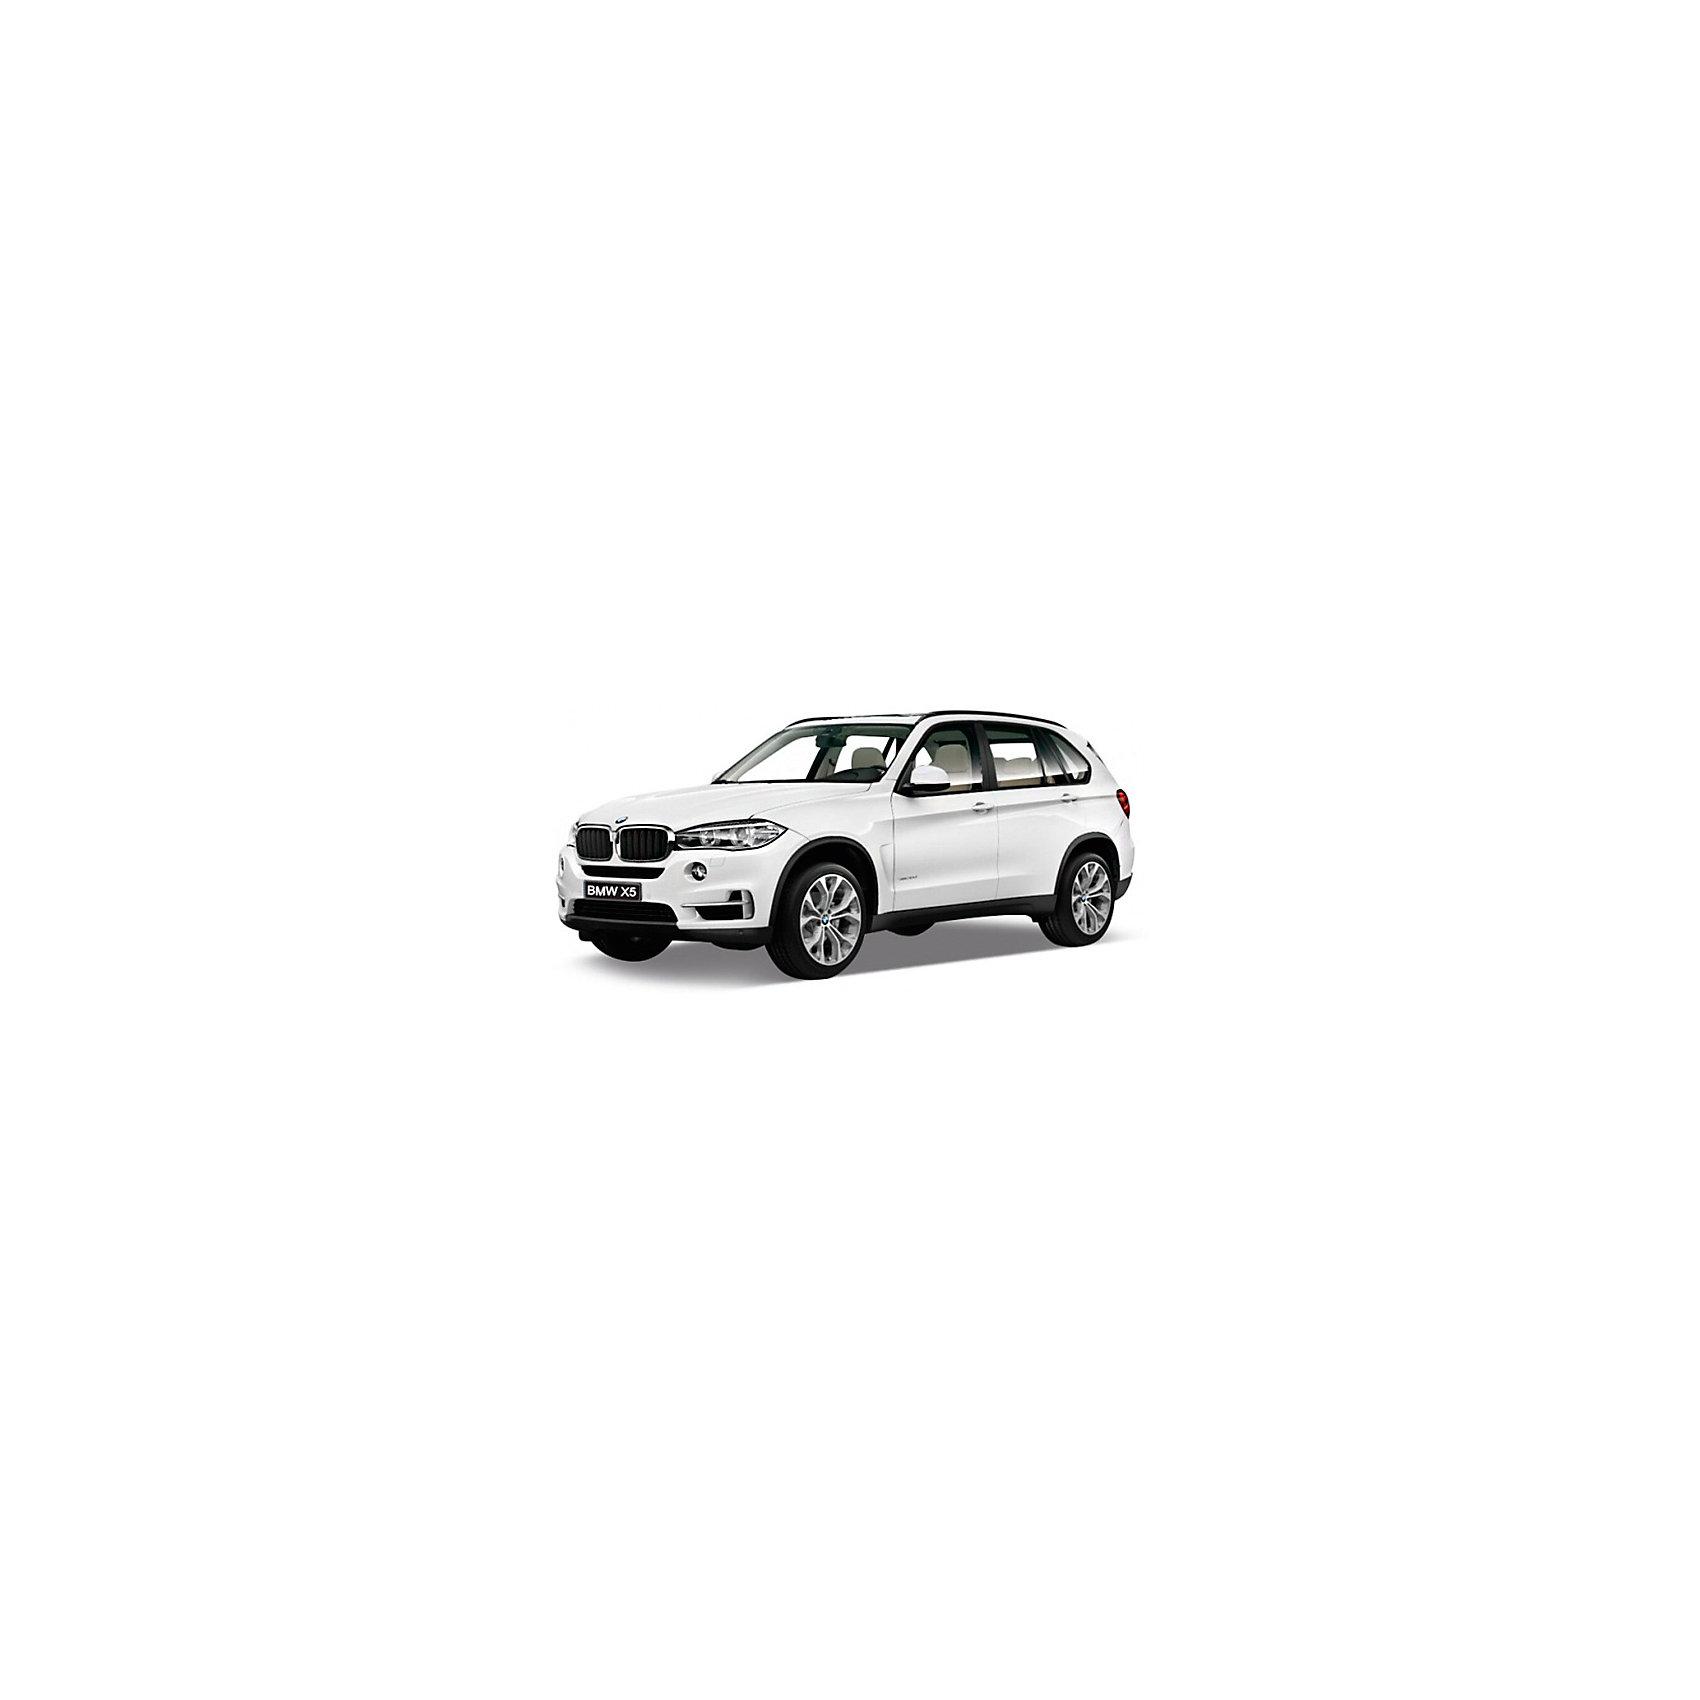 Модель машины 1:24 BMW X5, WellyКоллекционные модели<br>Коллекционная модель машины BMW X5 от Welly выполнена в точном соответствии с оригиналом. У машинки открывается капот и двери.<br>Эта модель машины создана на основе реальной модели БМВ X5, выпуск которой начался в 2013 году. Это вместительный, среднеразмерный кроссовер, способный преодолеть самые разные препятствия на дороге. Игрушка представлена в ассортименте, выбранный вариант в поставке не гарантирован.<br><br>Ширина мм: 110<br>Глубина мм: 100<br>Высота мм: 230<br>Вес г: 547<br>Возраст от месяцев: 36<br>Возраст до месяцев: 192<br>Пол: Мужской<br>Возраст: Детский<br>SKU: 4966492